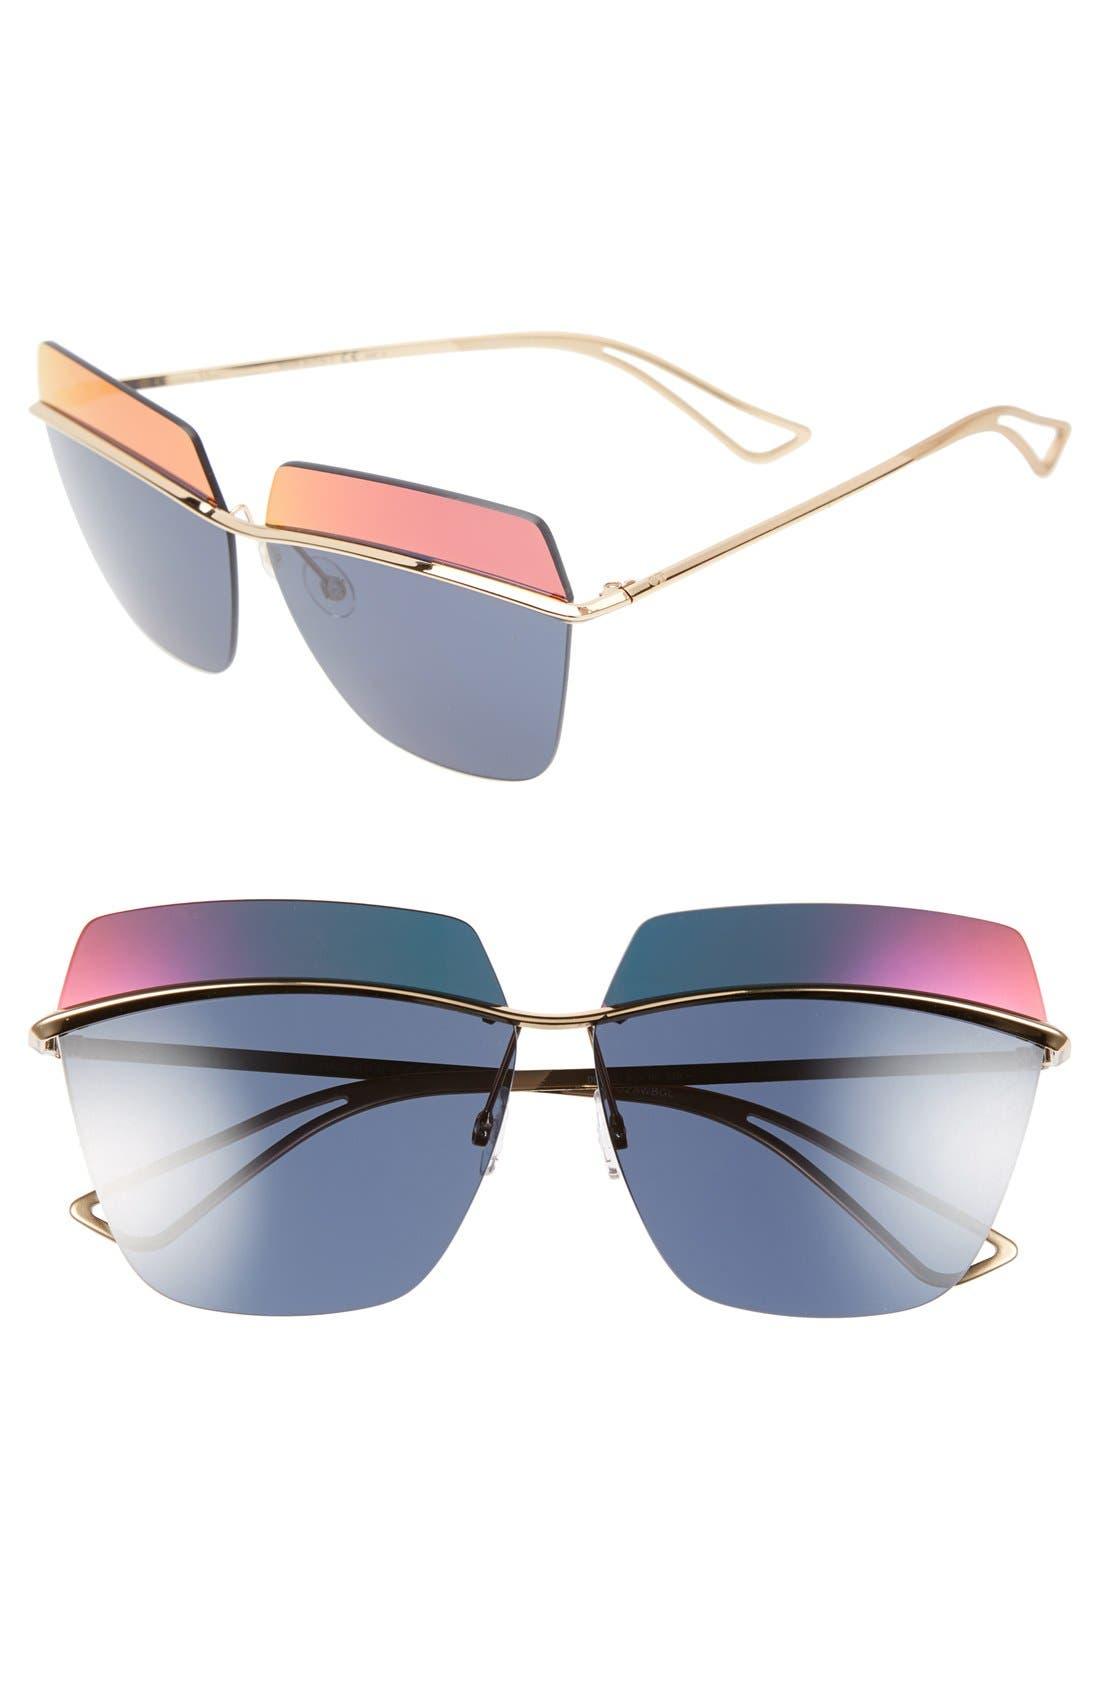 Alternate Image 1 Selected - Dior 63mm Retro Metal Sunglasses